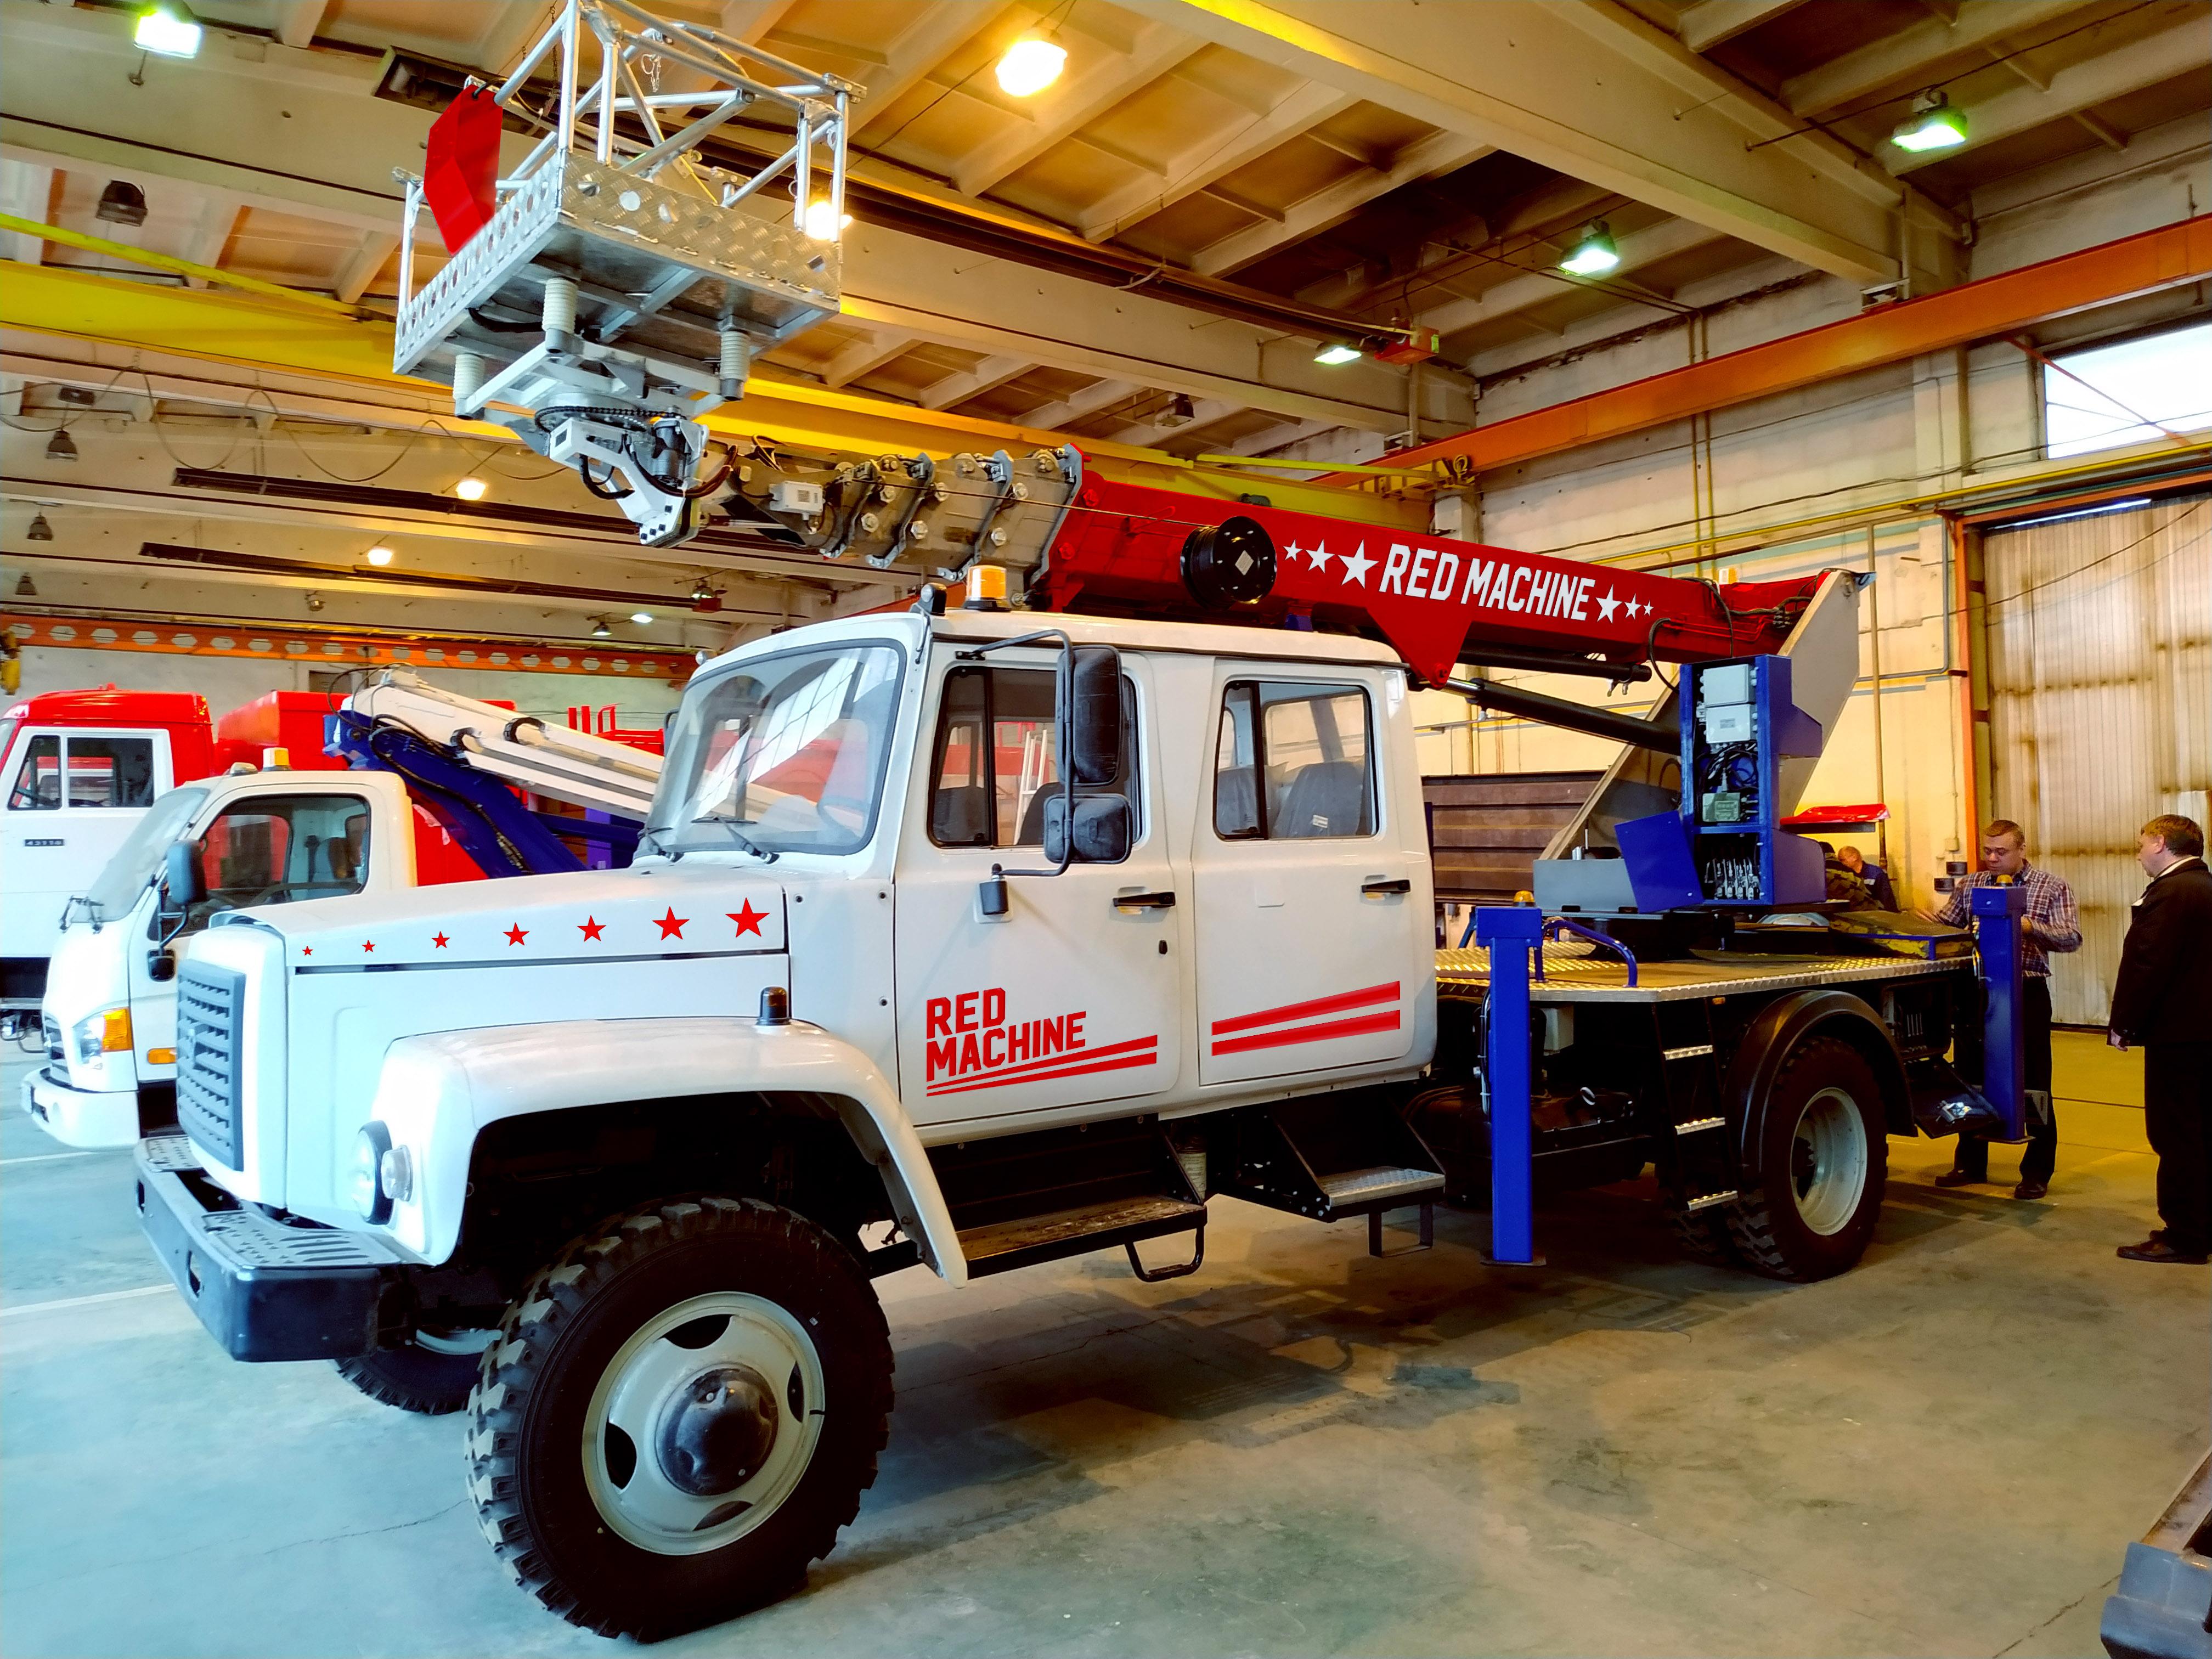 Оформление автогидроподъёмника,  бренд - RED MACHINE фото f_5085e171a23a654d.jpg